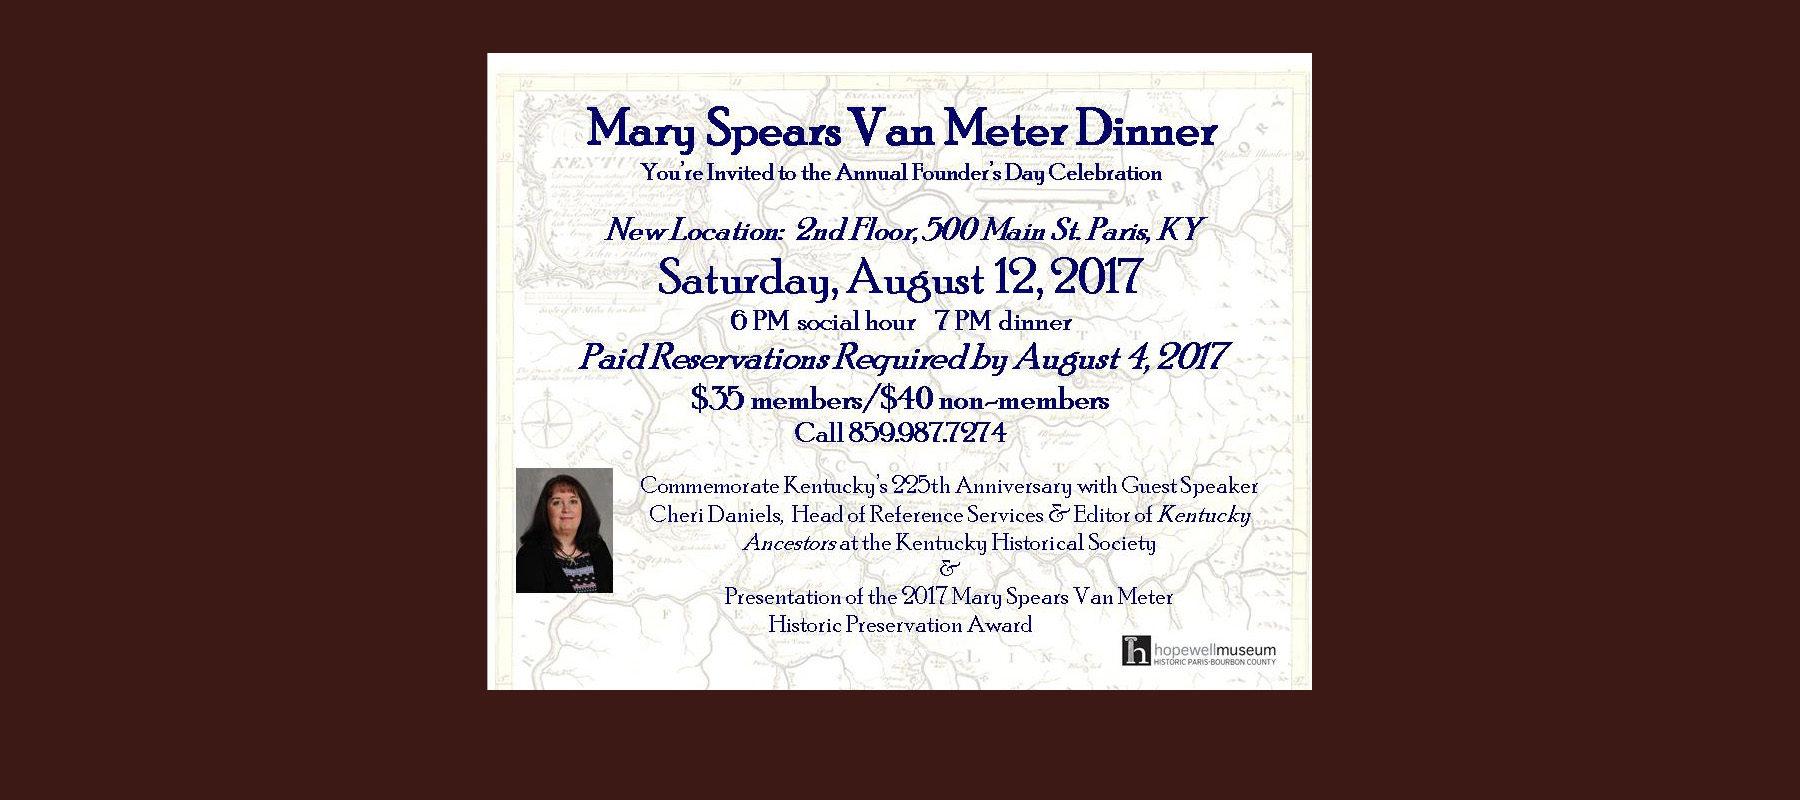 Mary Spears Van Meter Dinner